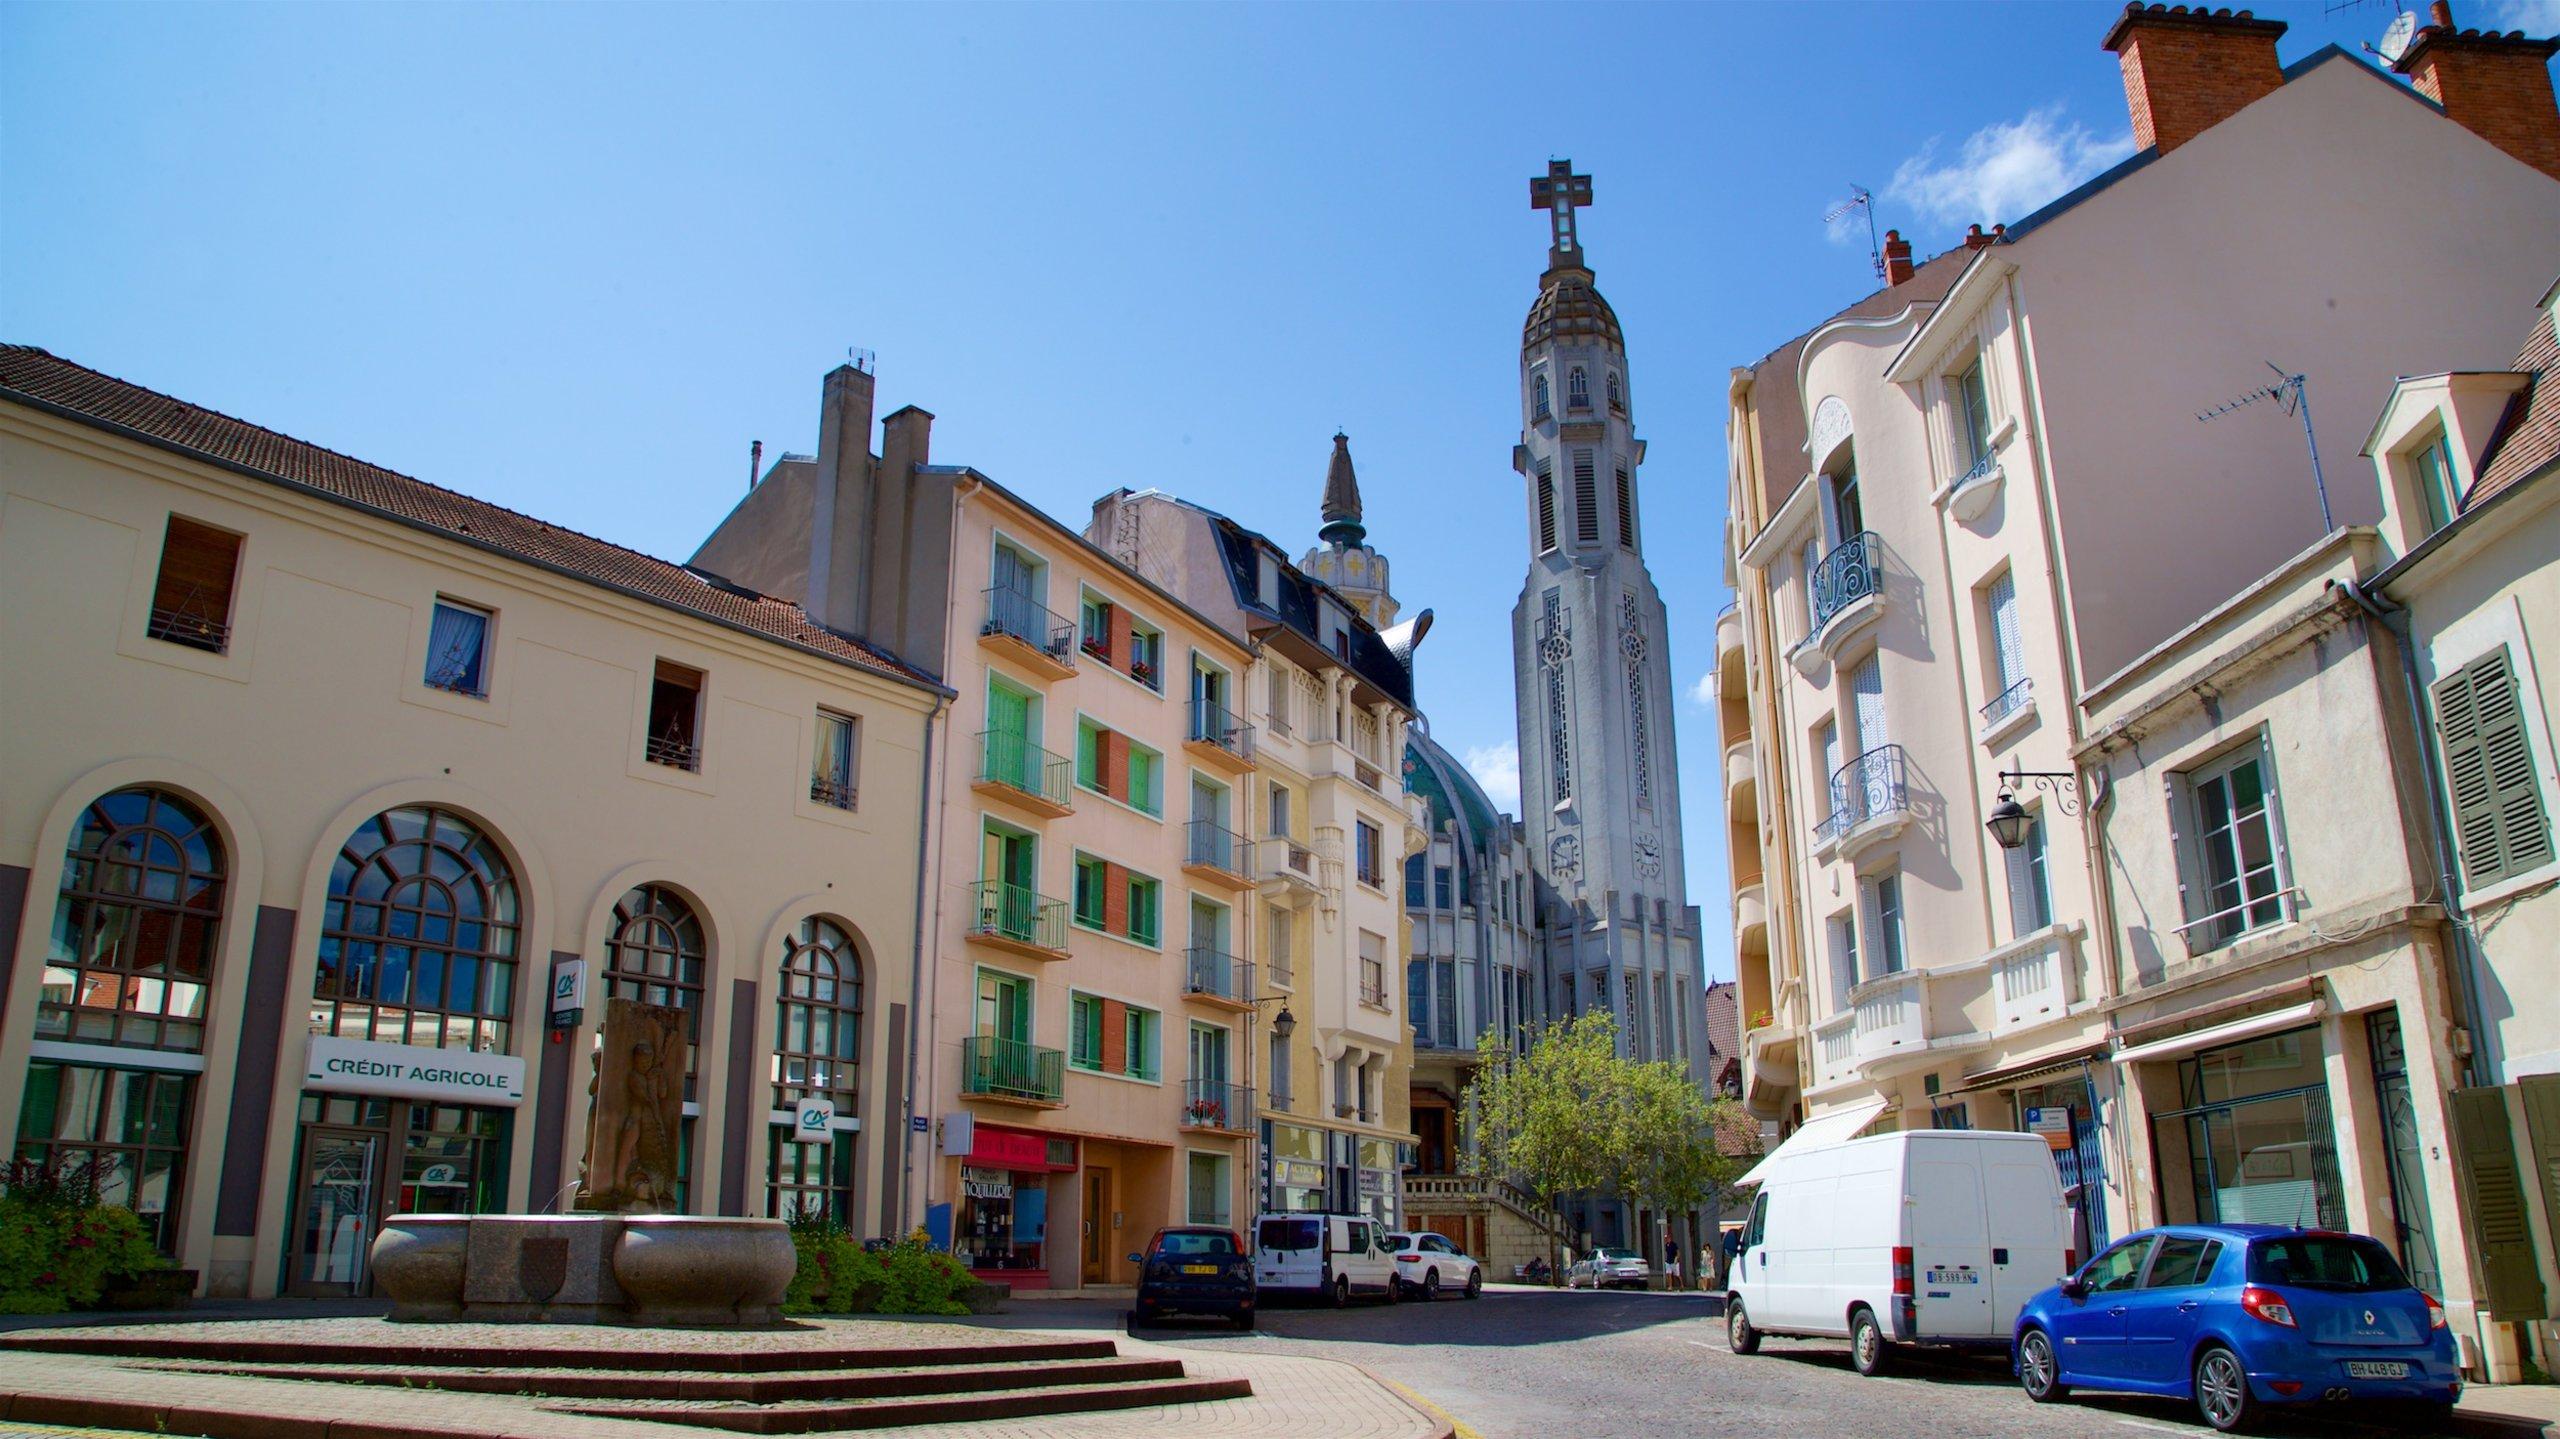 Vieux Vichy, Vichy, Allier, France